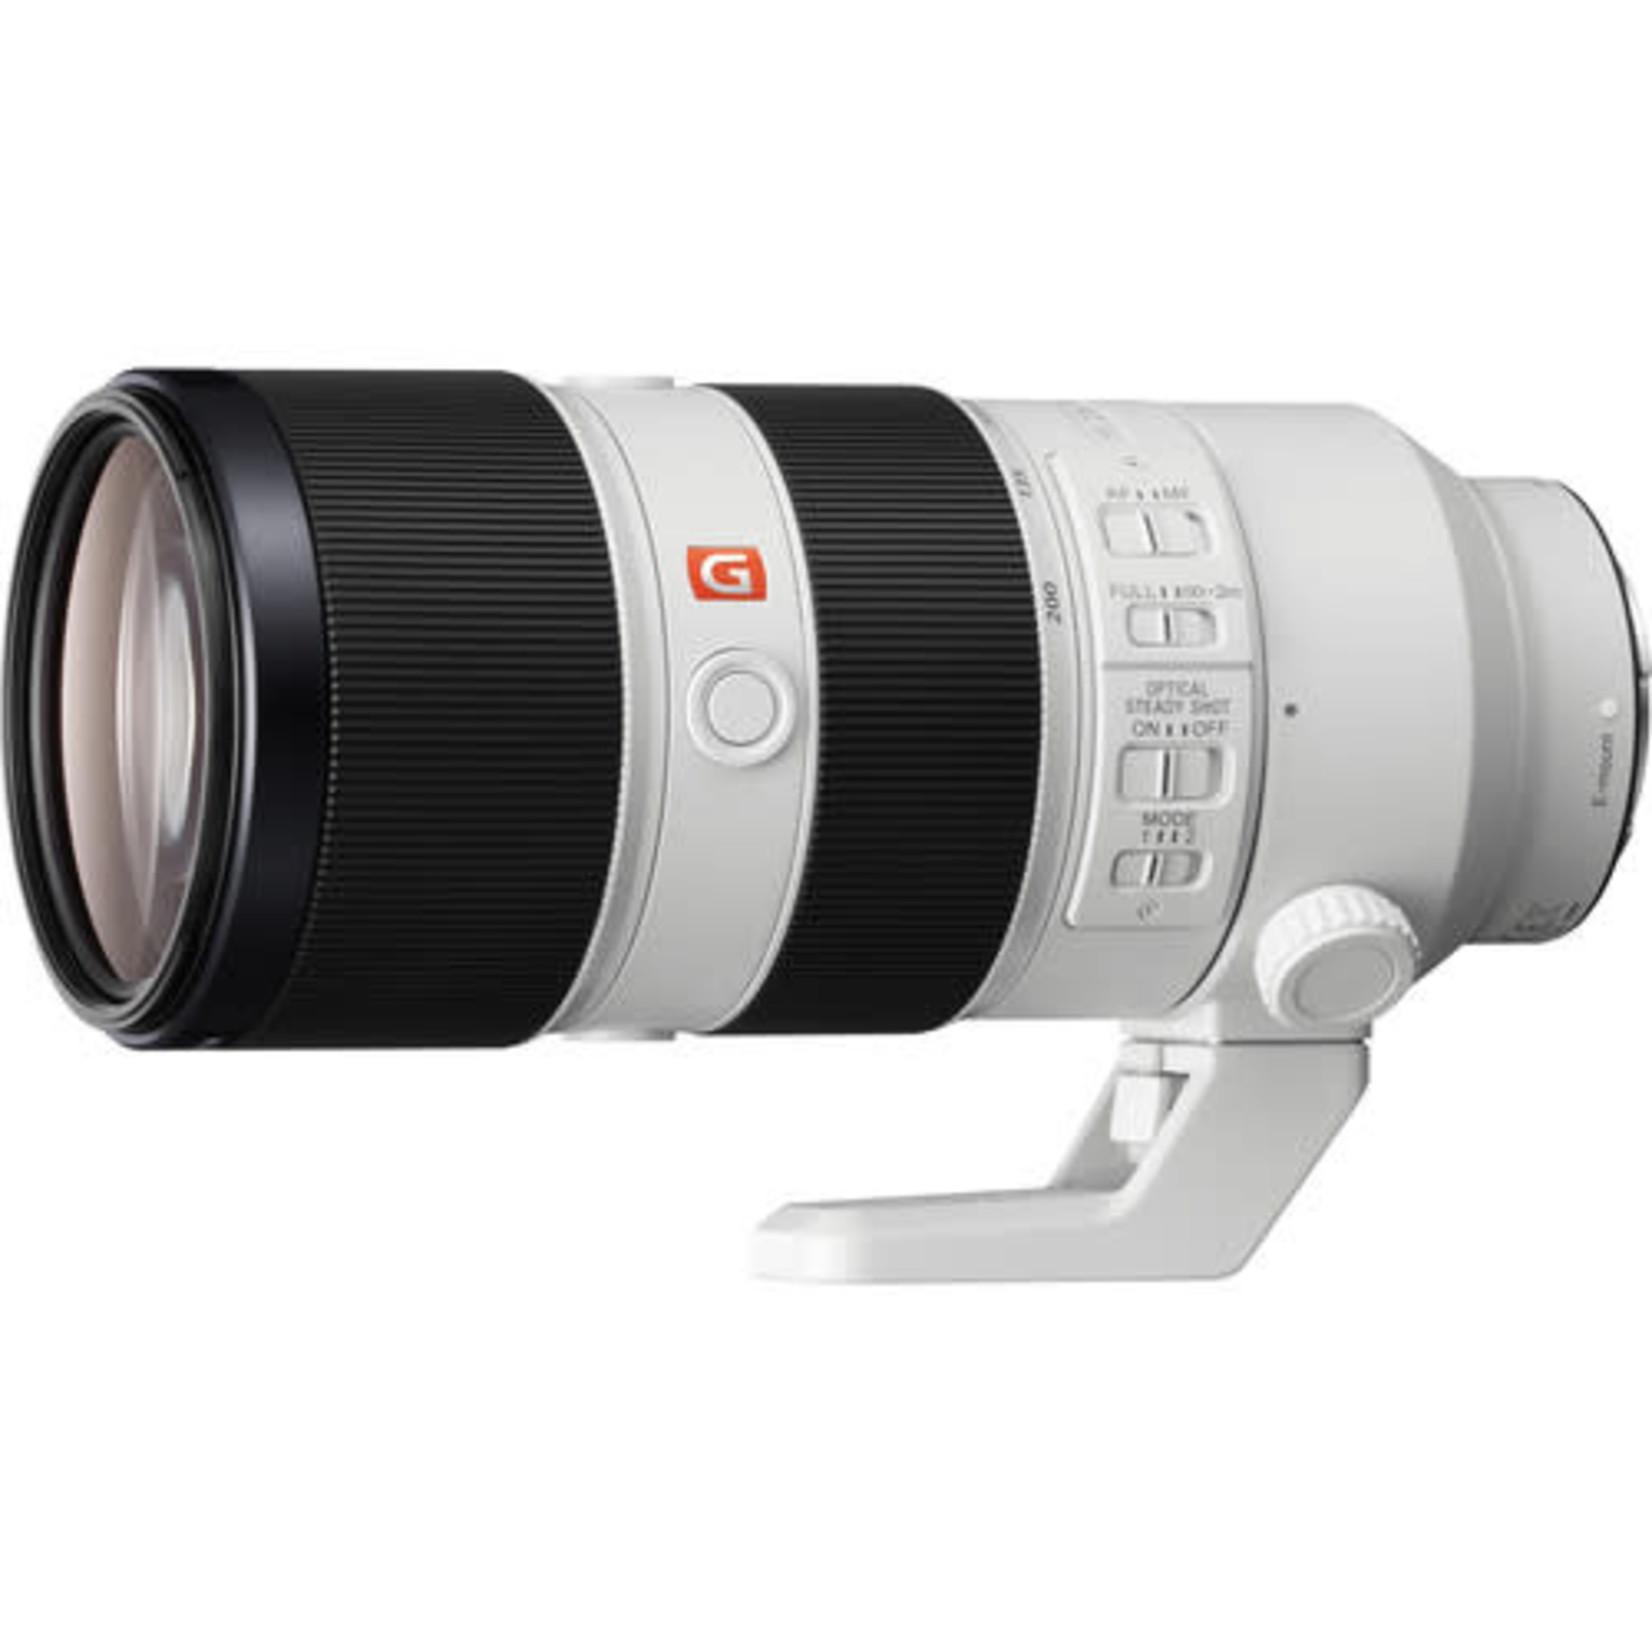 Sony Sony FE 70-200mm f/2.8 GM OSS Lens